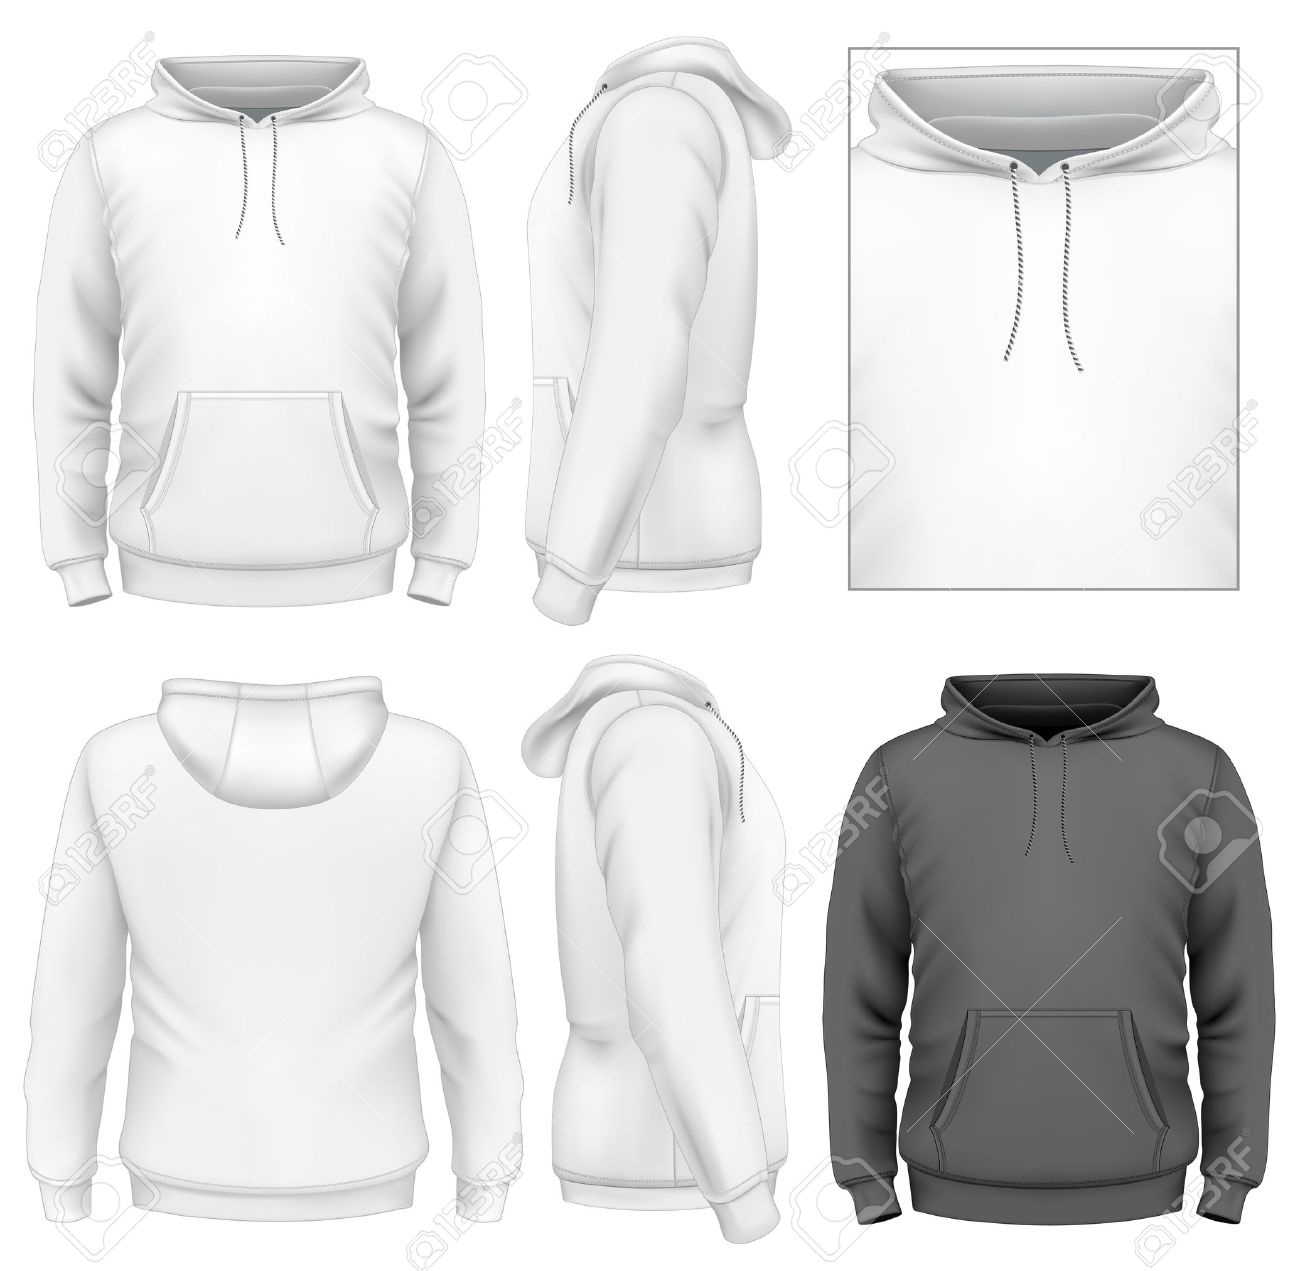 Herren Hoodie Design-Vorlage (Vorderansicht, Rücken-und ...